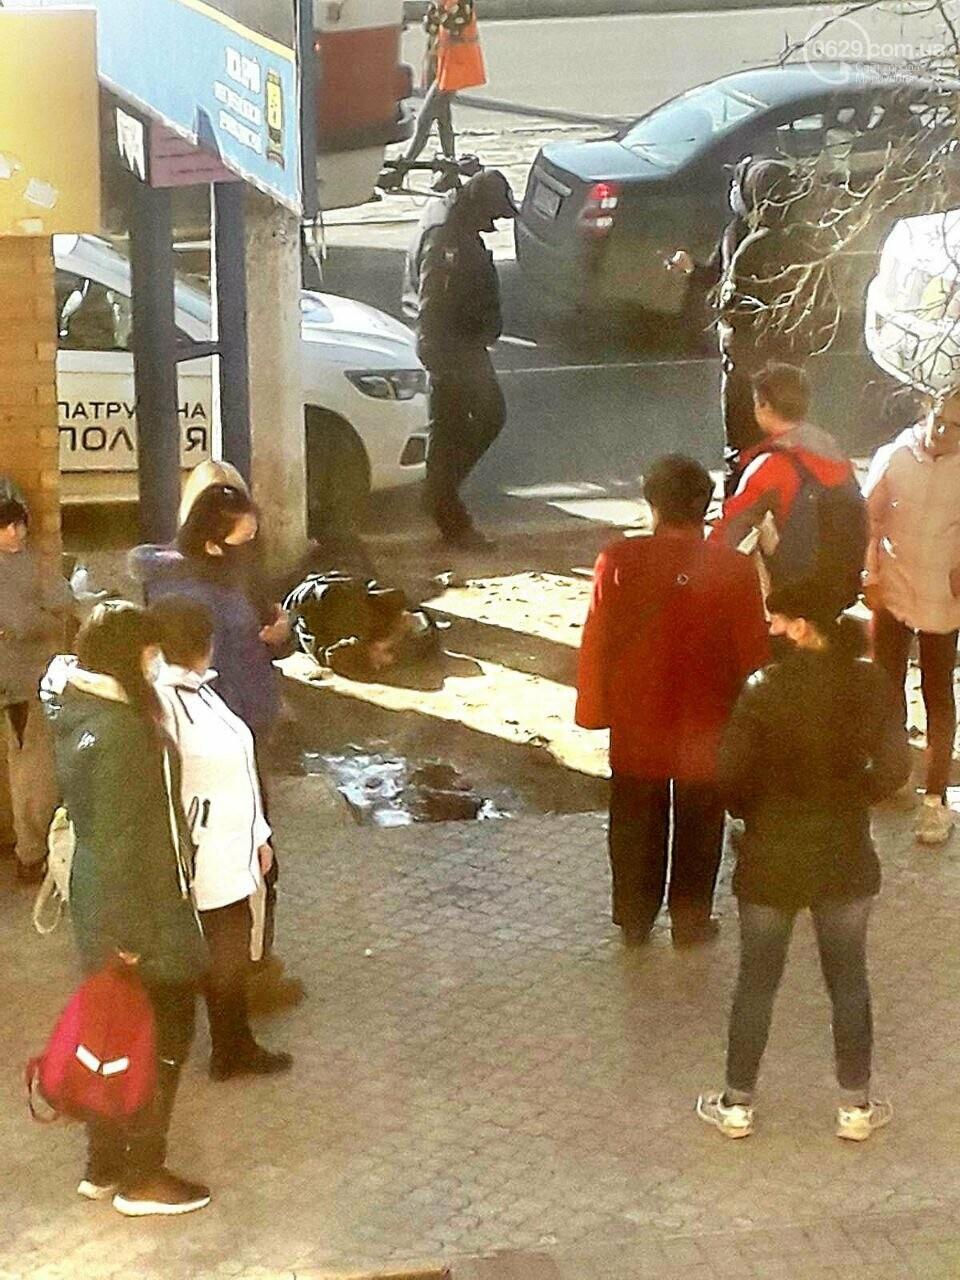 Драка в мариупольском трамвае: пассажиры выбили стекло, - ФОТО, фото-2